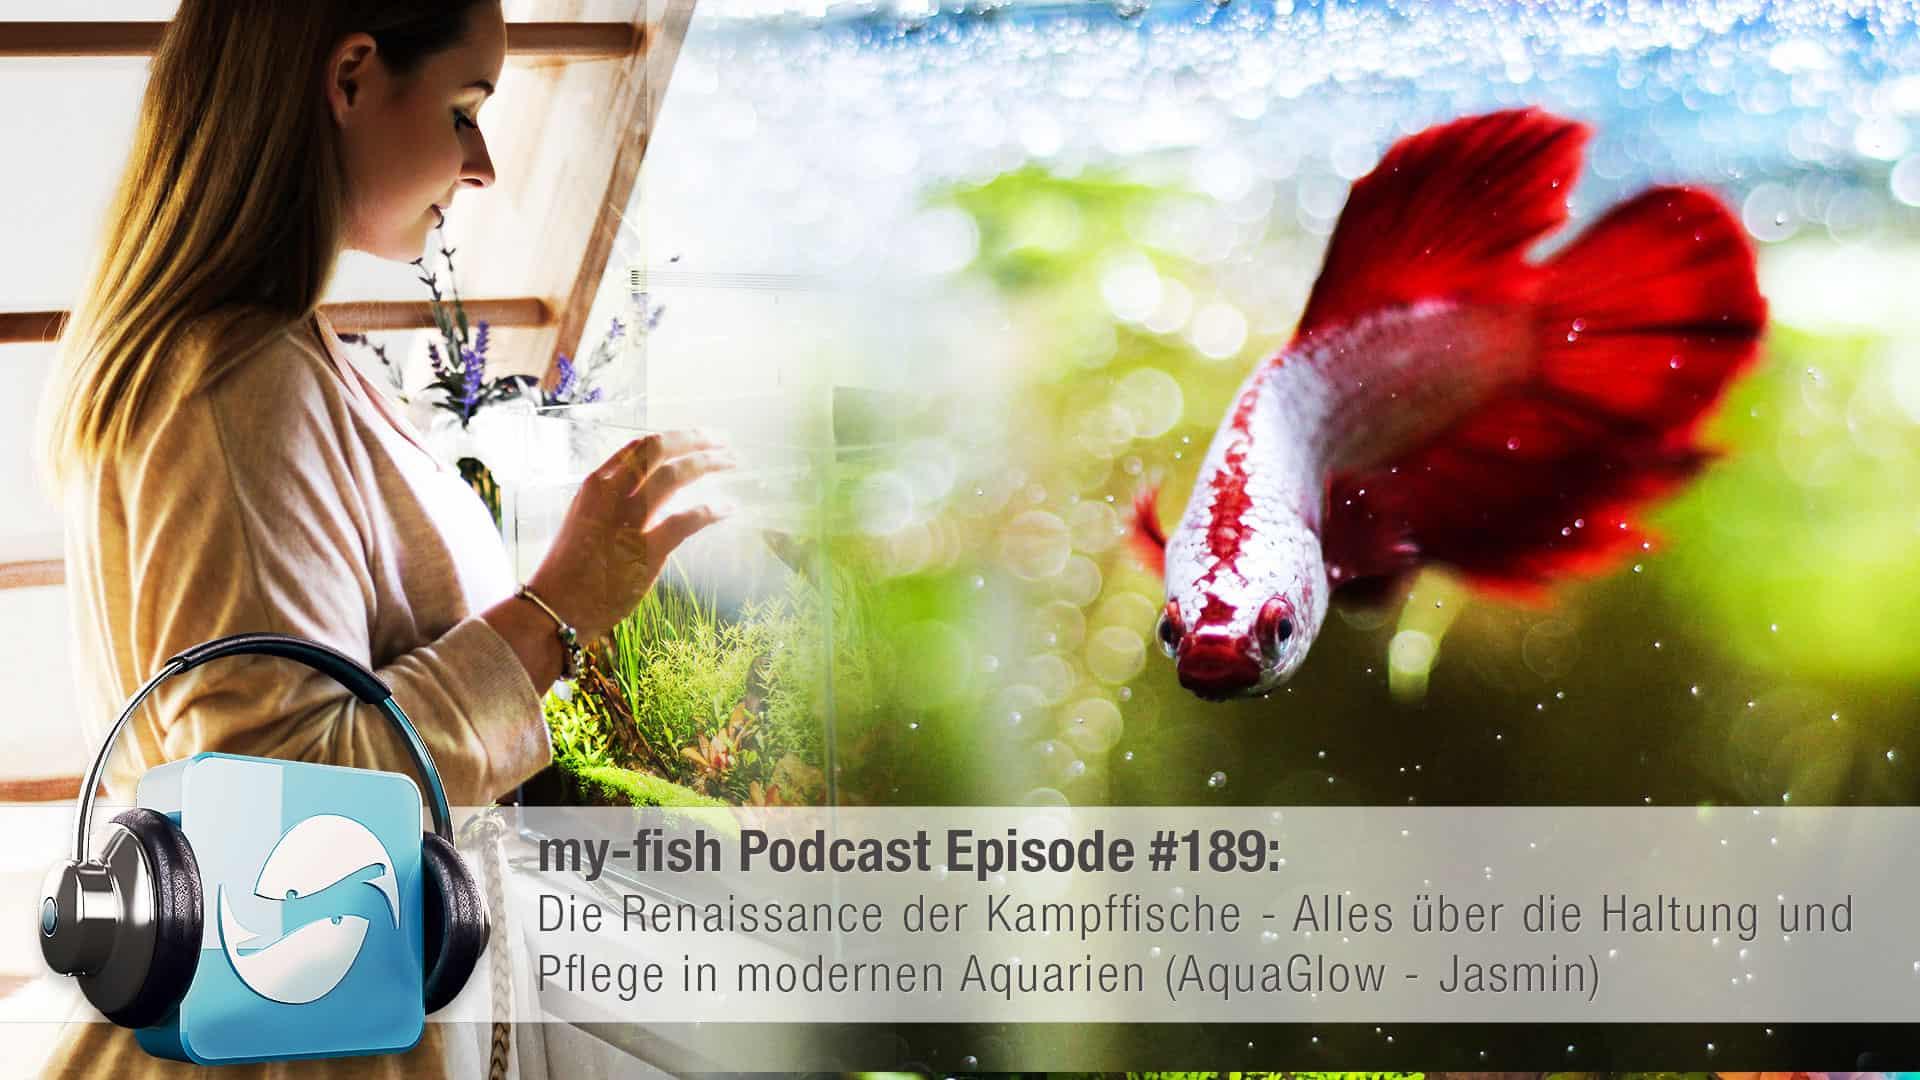 Podcast Episode #189: Die Renaissance der Kampffische - Alles über die Haltung und Pflege in modernen Aquarien (AquaGlow - Jasmin) 1